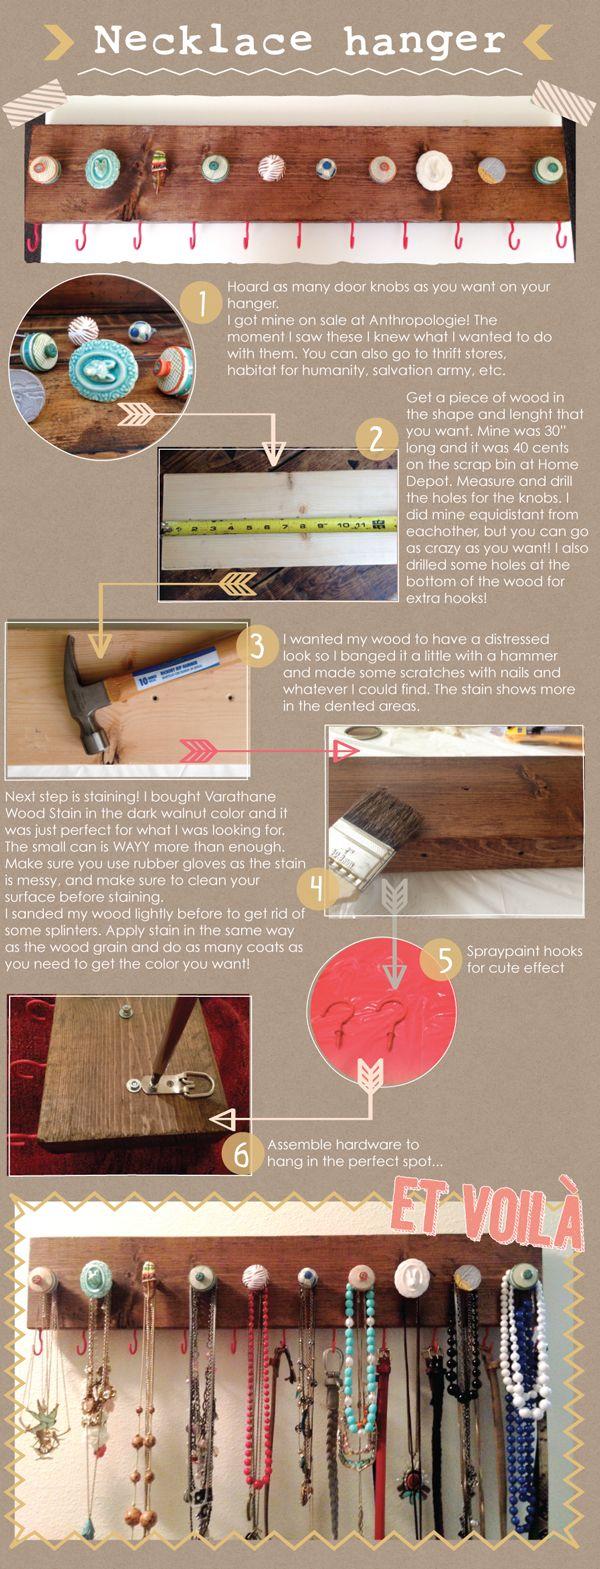 DIY NECKLACE / COAT HANGER